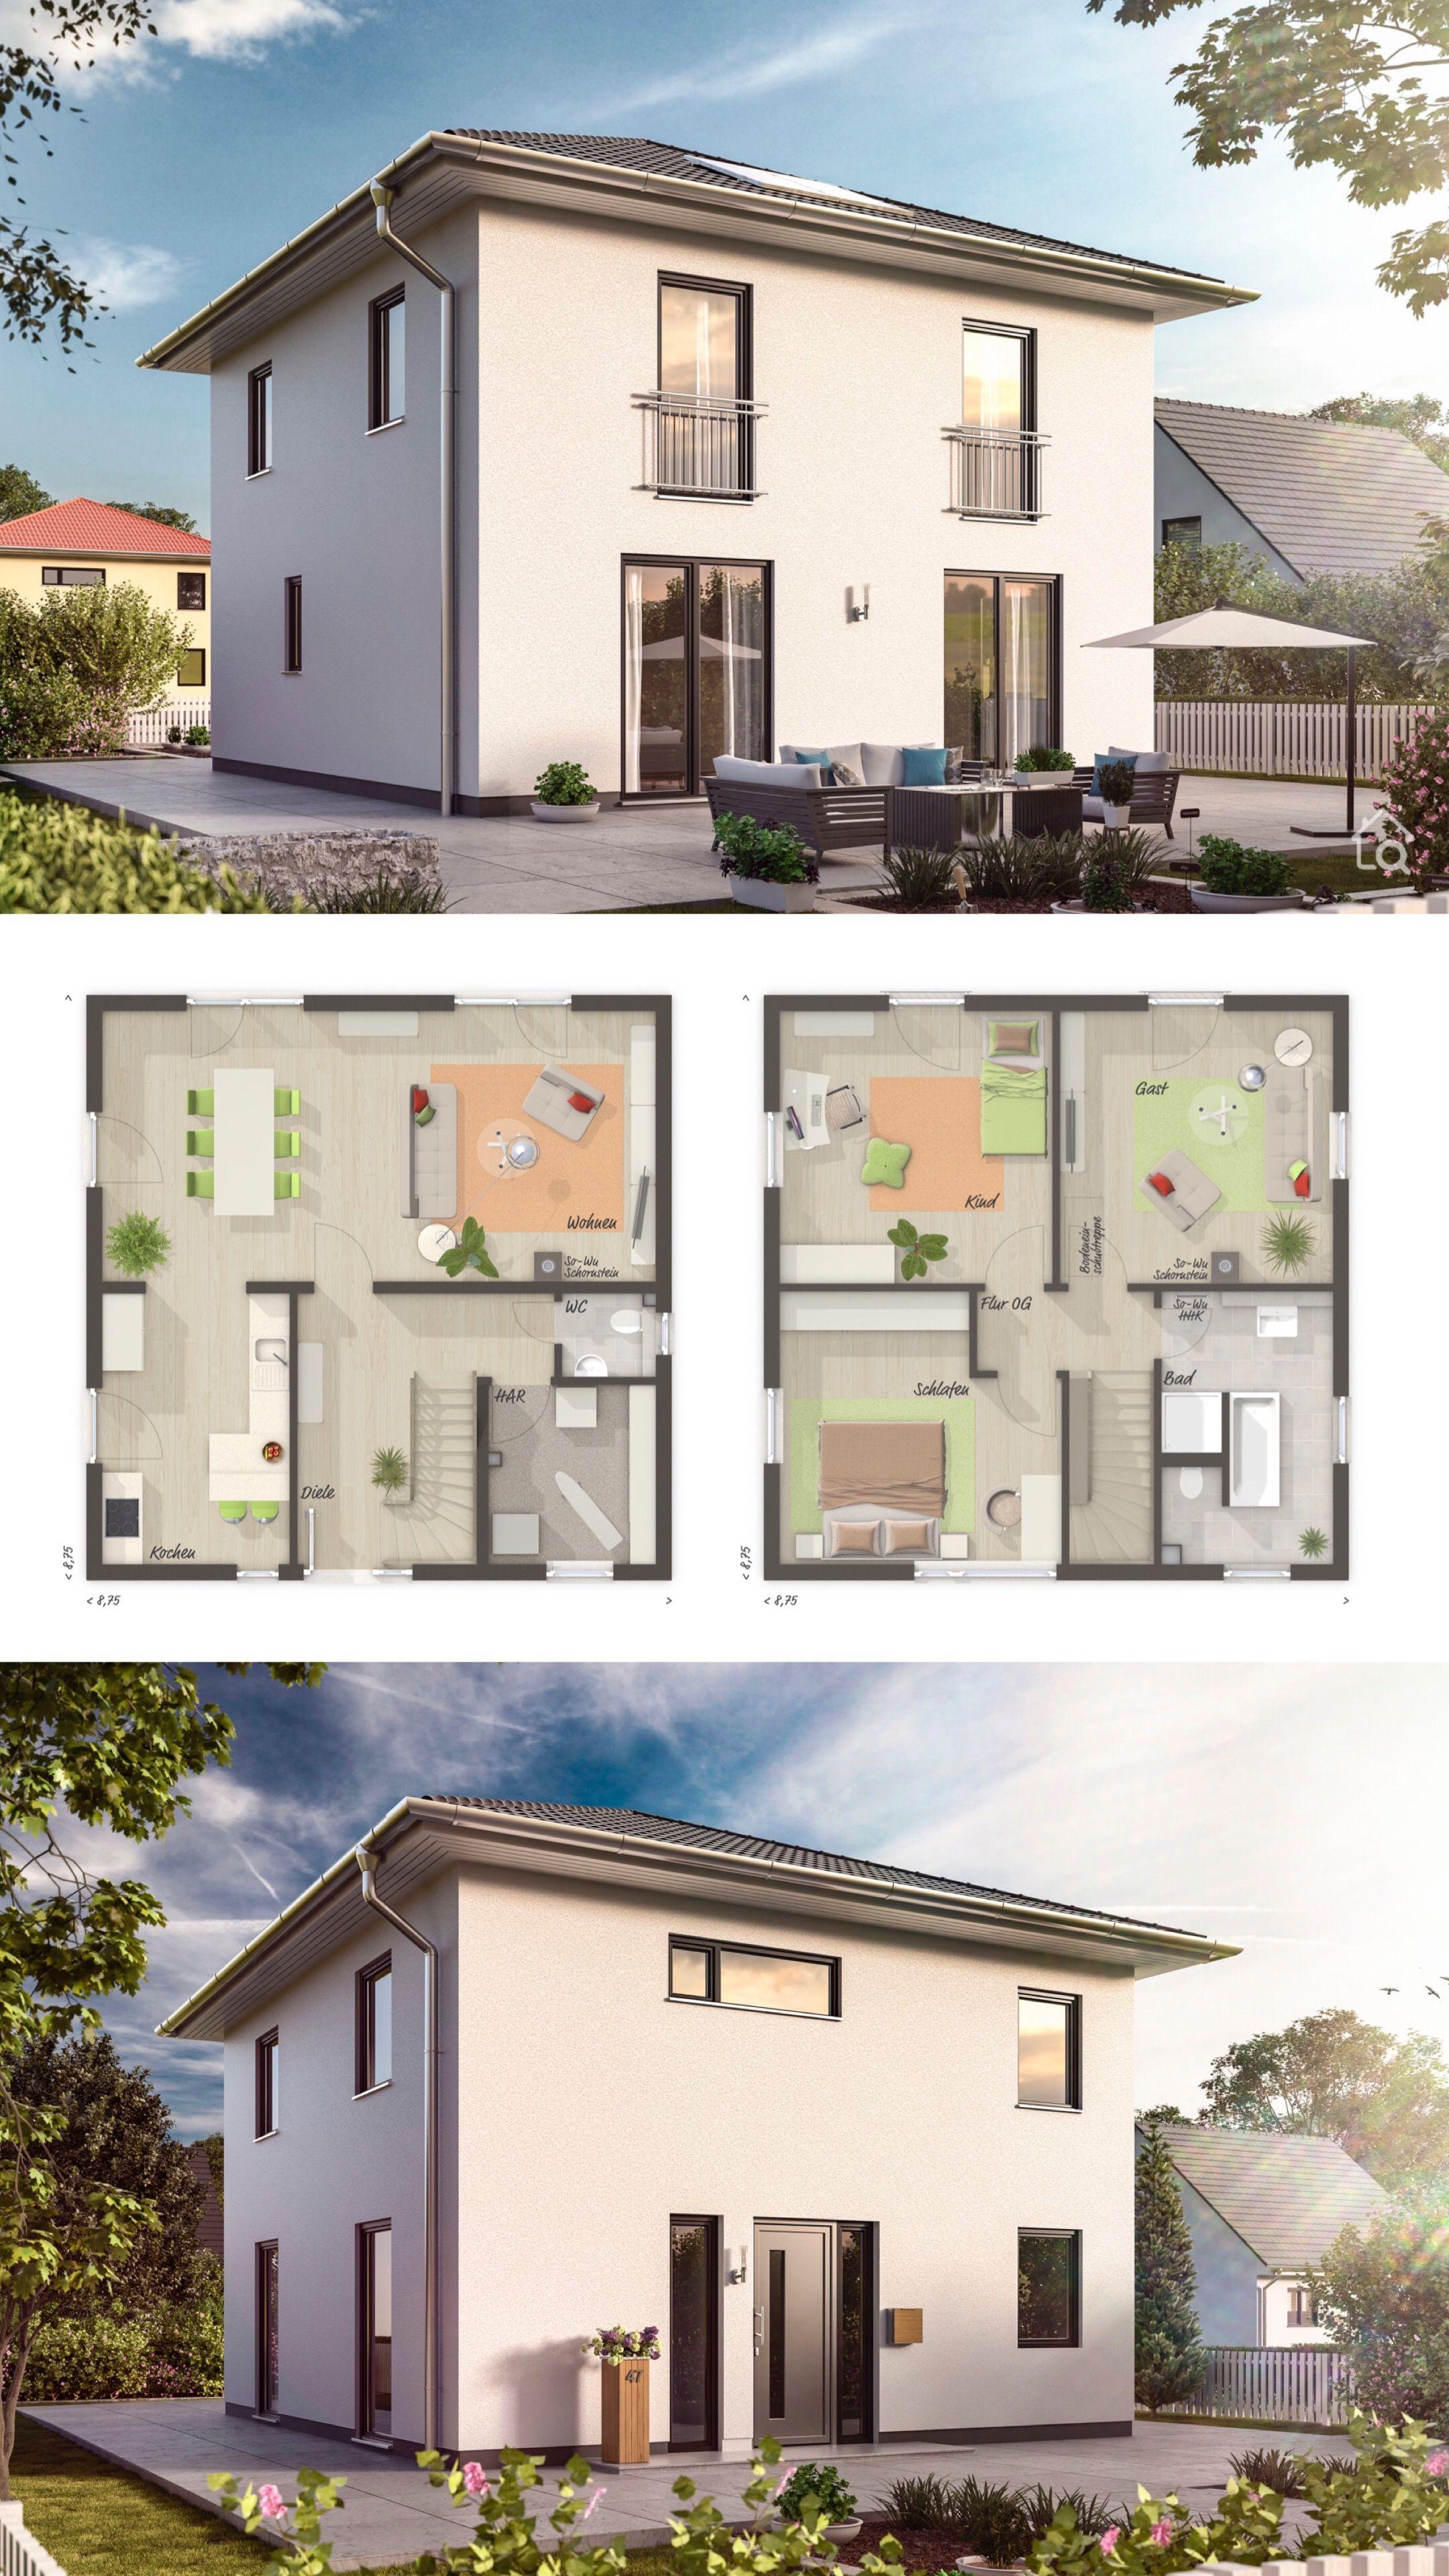 Moderne Massivhaus Stadtvilla mit Putz Fassade & Walmdach